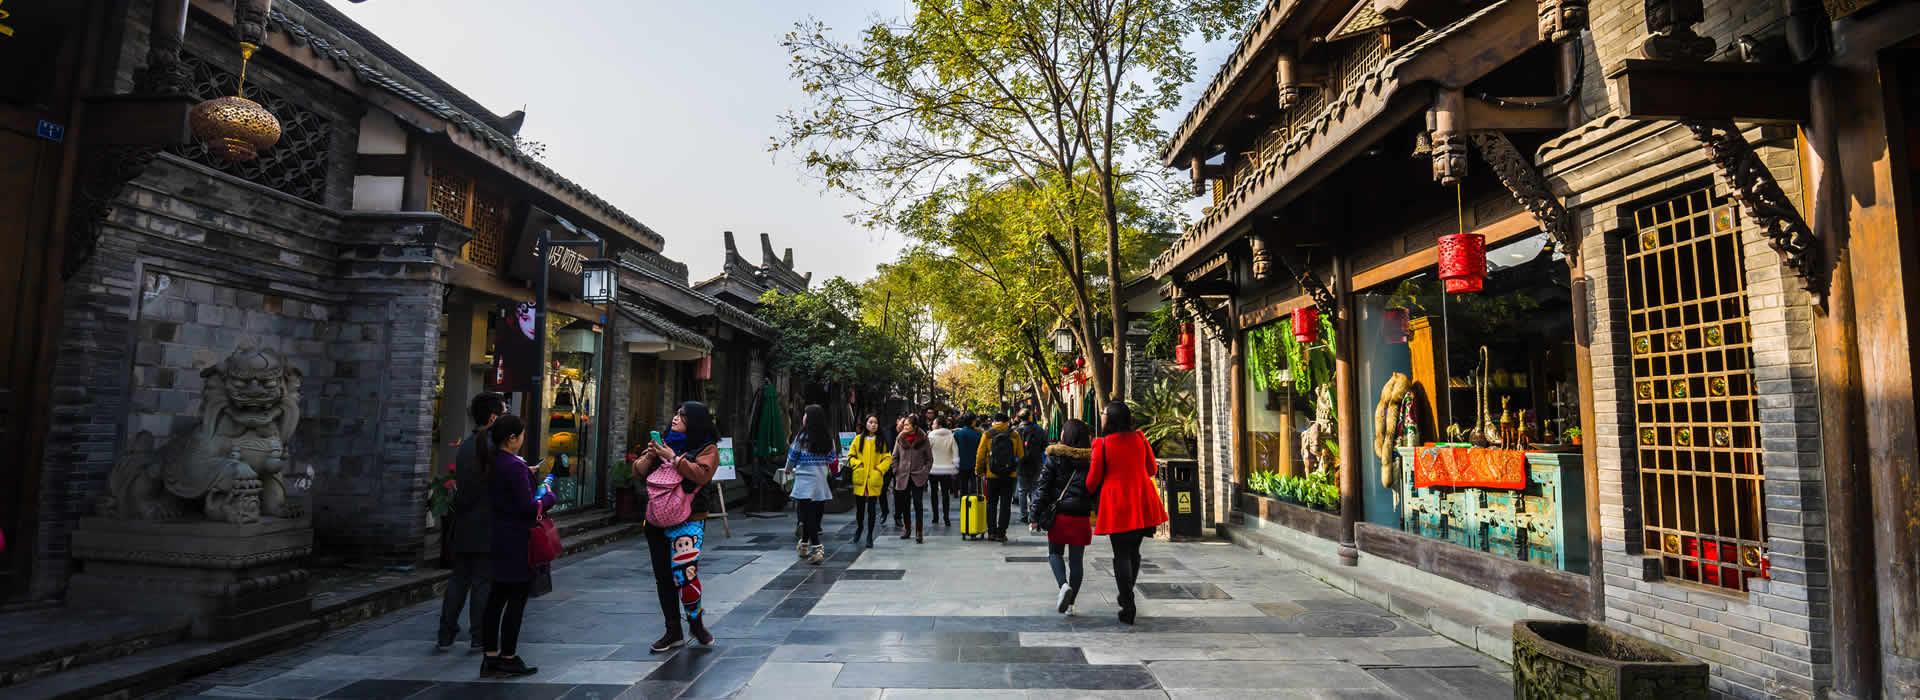 Kuanzhai Alley, Kuanzhai Alley Travel Guide